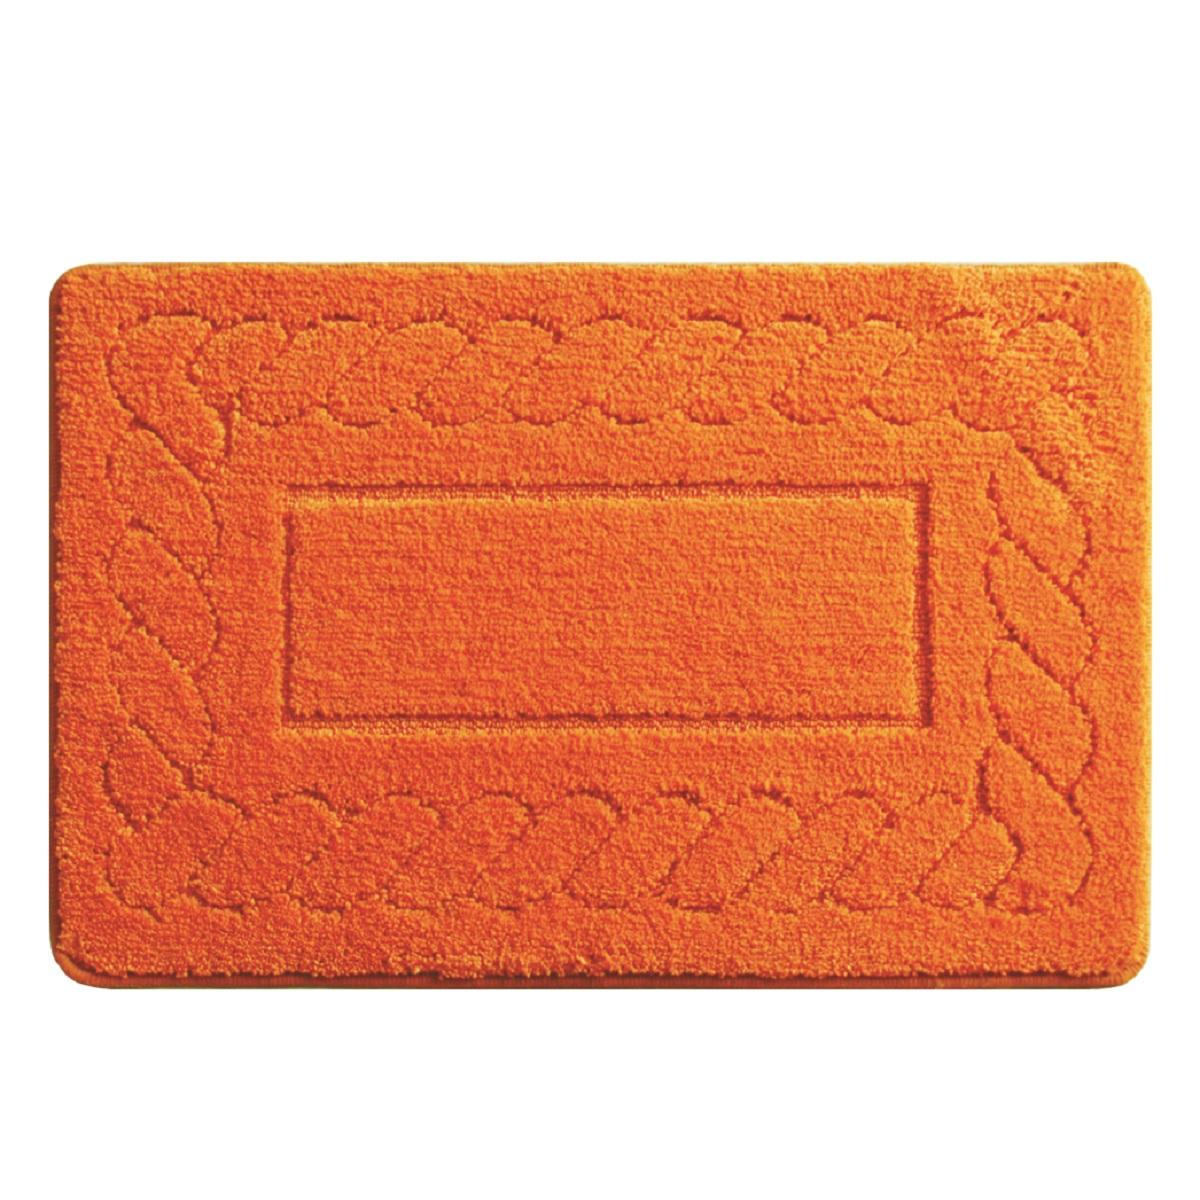 Коврик для ванной Milardo Clever Plait, цвет: оранжевый, 50 х 80 см320M580M12Коврик для ванной комнаты Milardo выполнен из микрофибры (100% полиэстер) на латексной основе. Коврик долго прослужит в вашем доме, добавляя тепло и уют, а также внесет неповторимый колорит в интерьер ванной комнаты.Высота ворса: 1,5 см.